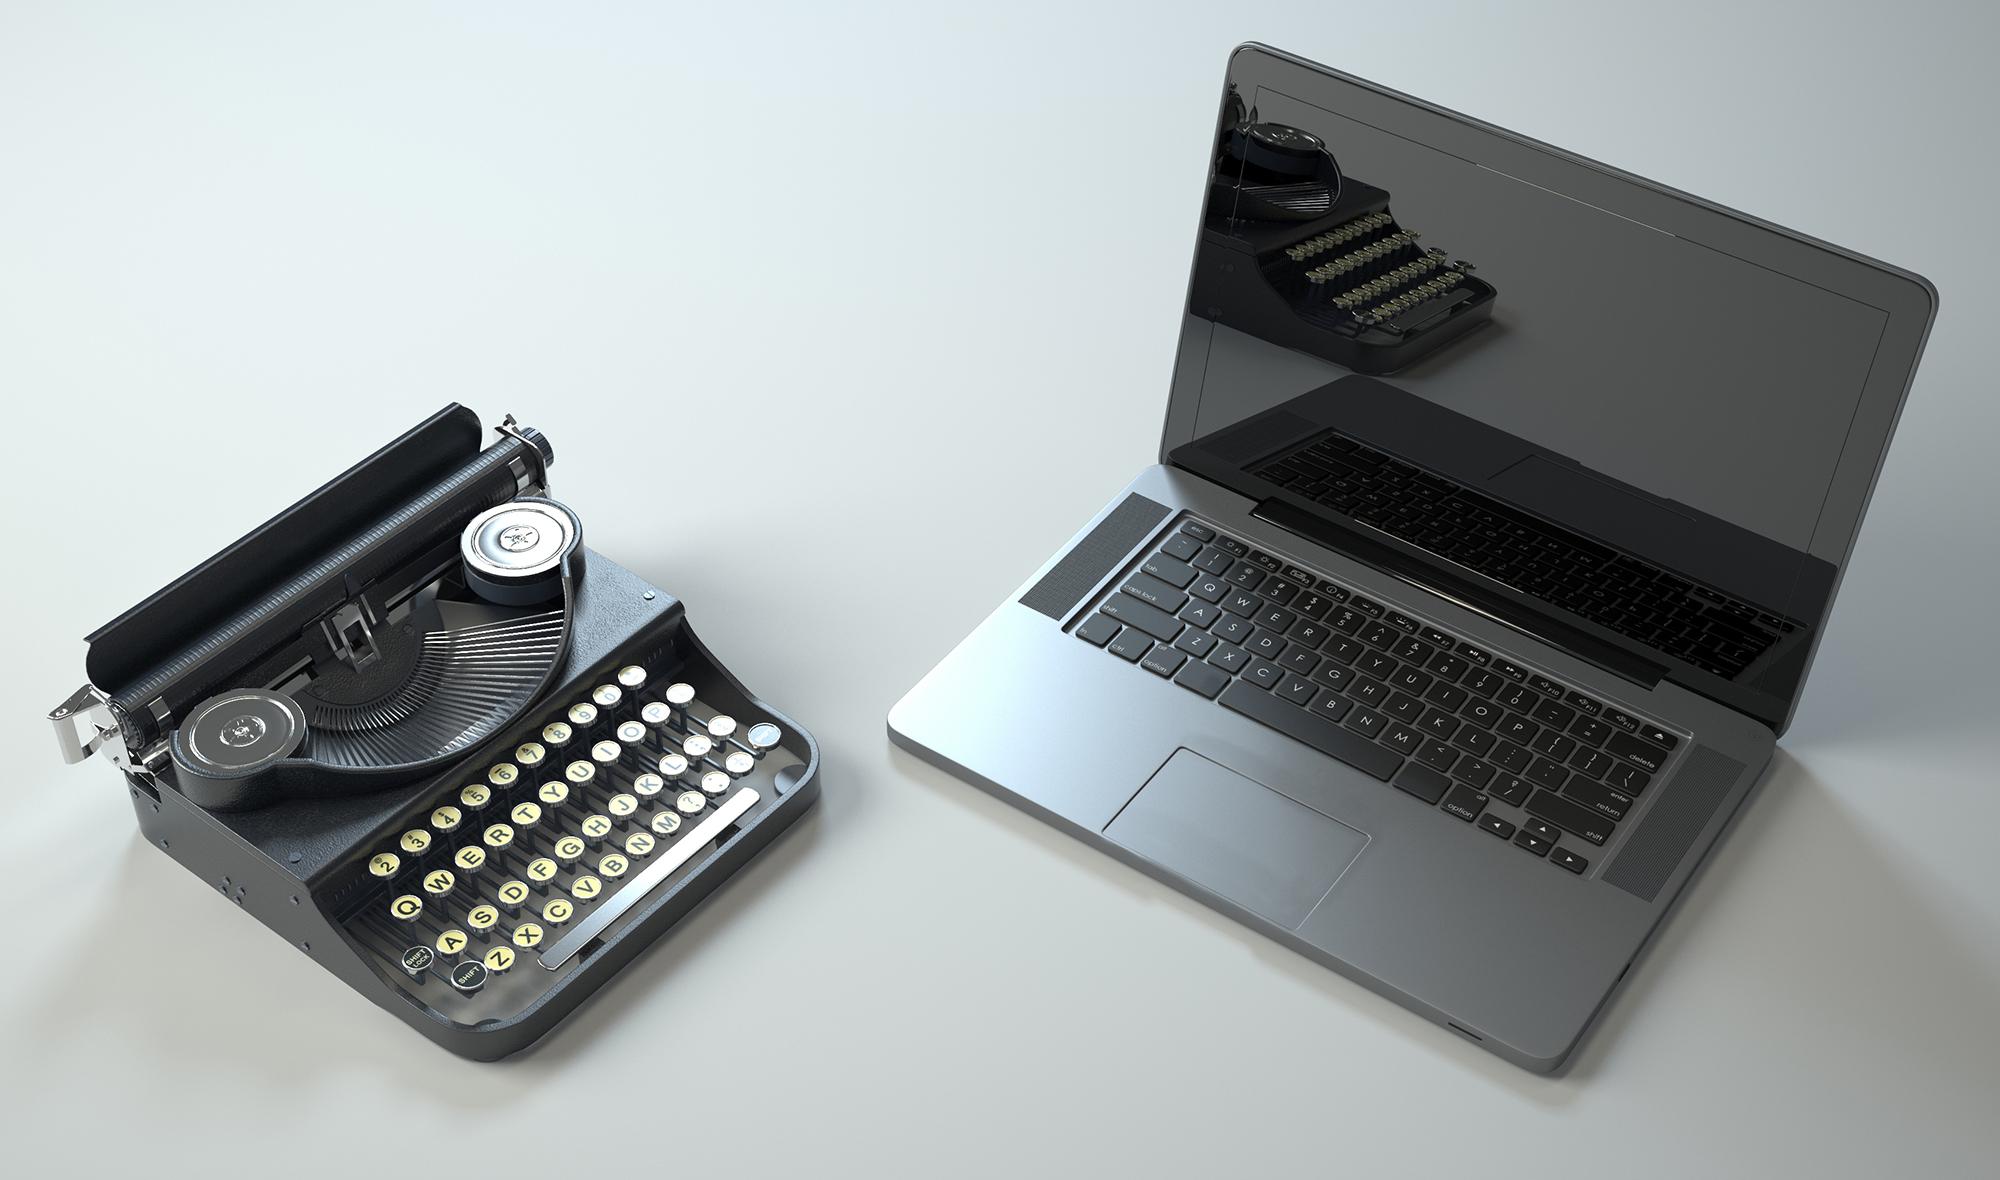 Velho vs. novo - máquina de escrever e laptop